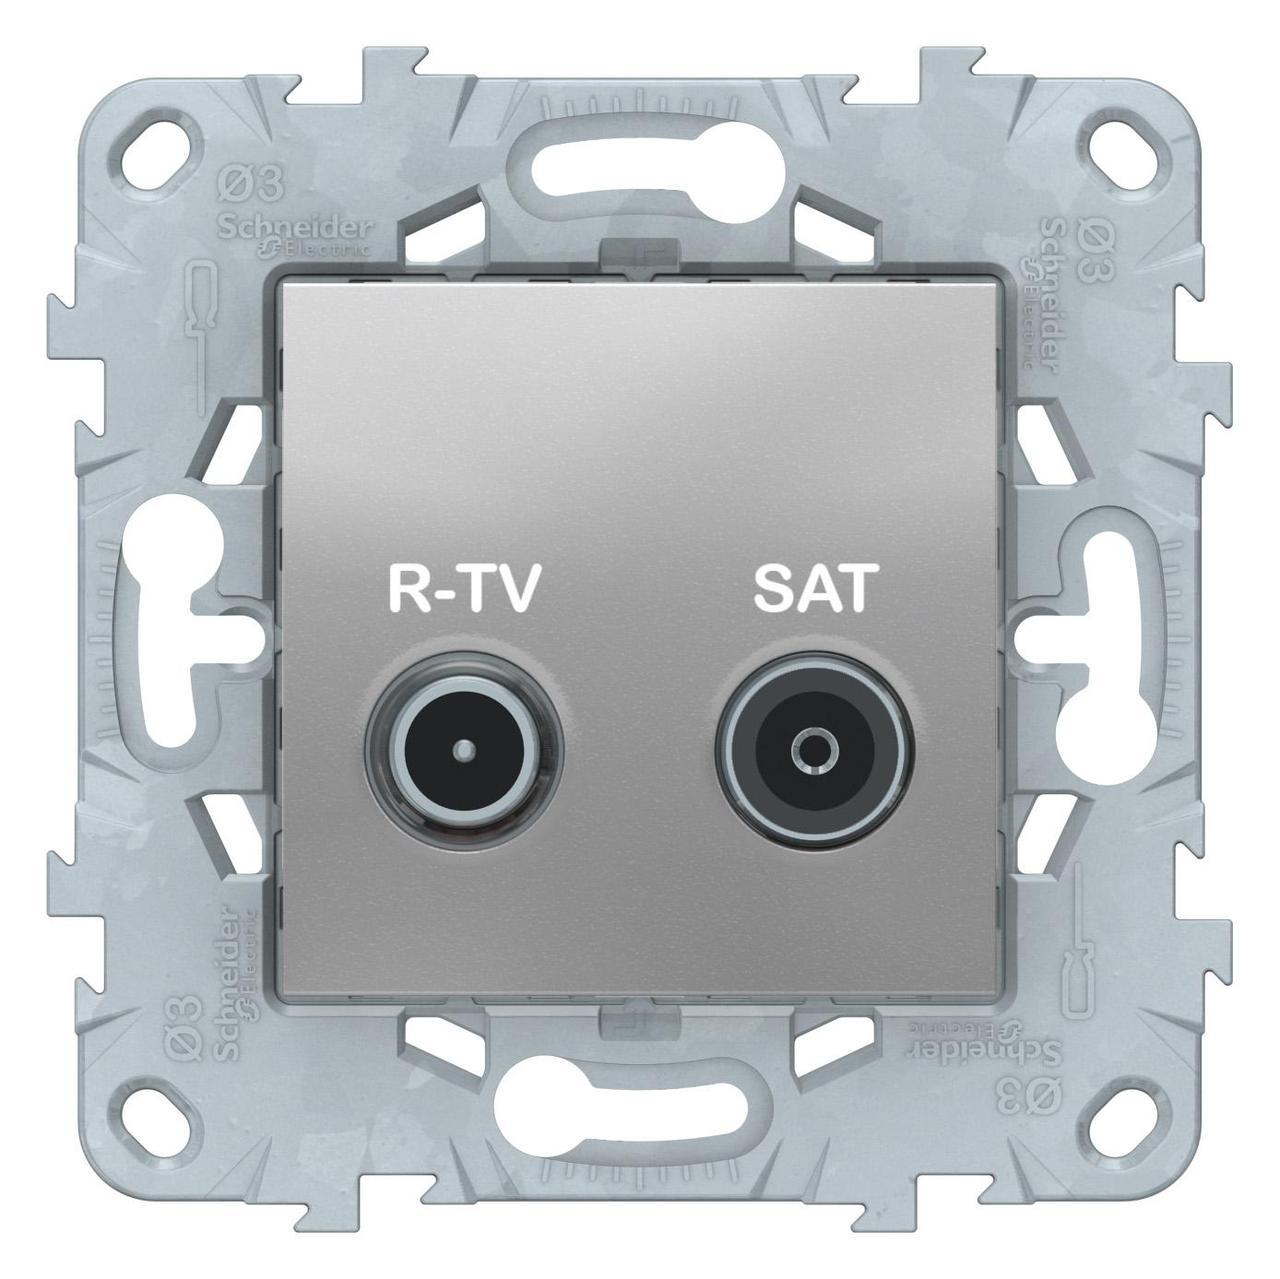 Розетка телевизионная единственная ТV-SAT , Алюминий, серия Unica New, Schneider Electric